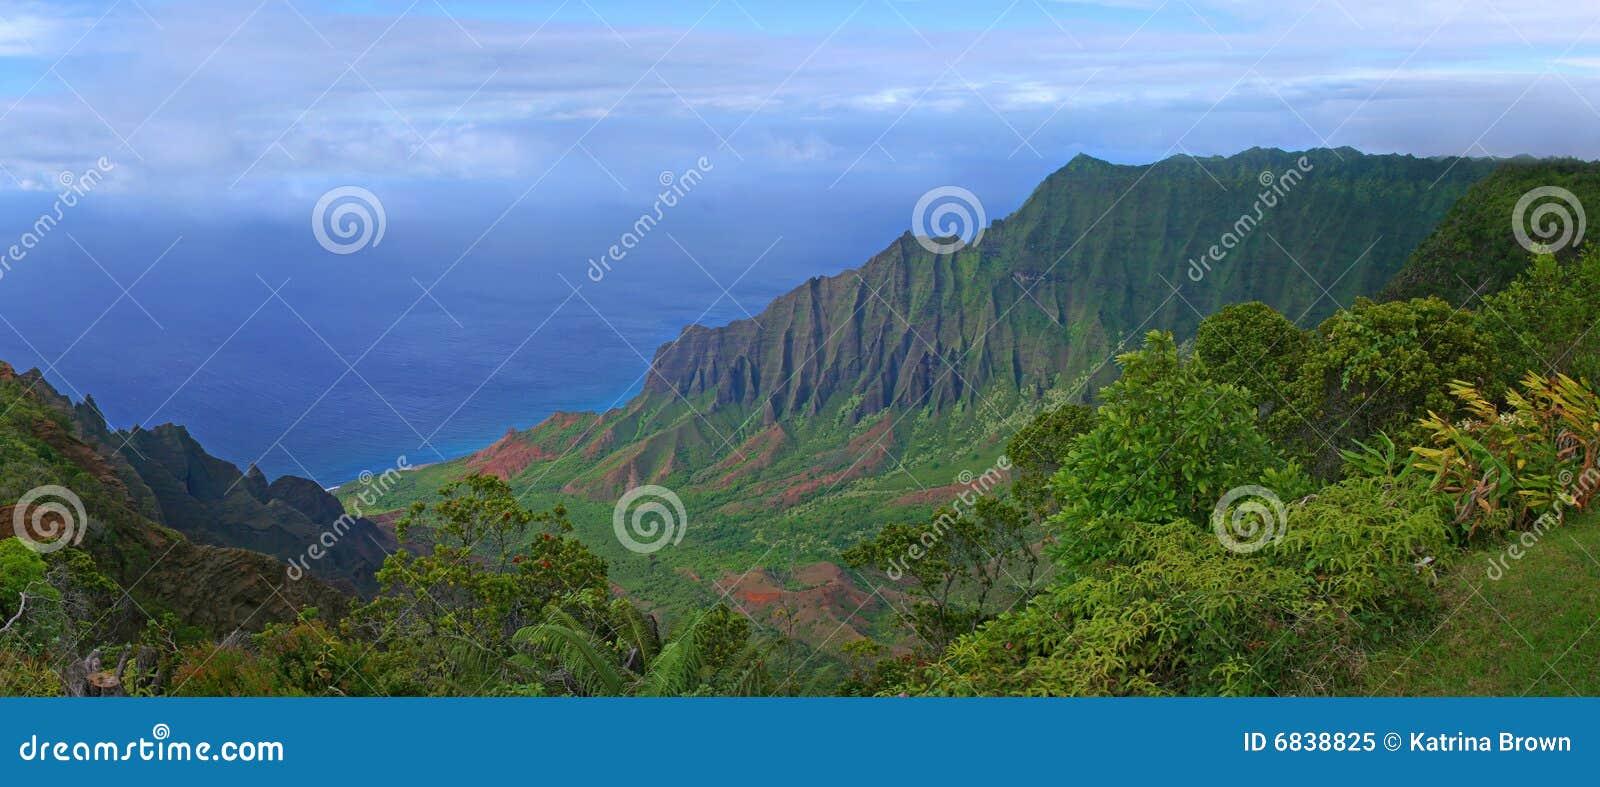 夏威夷考艾岛山